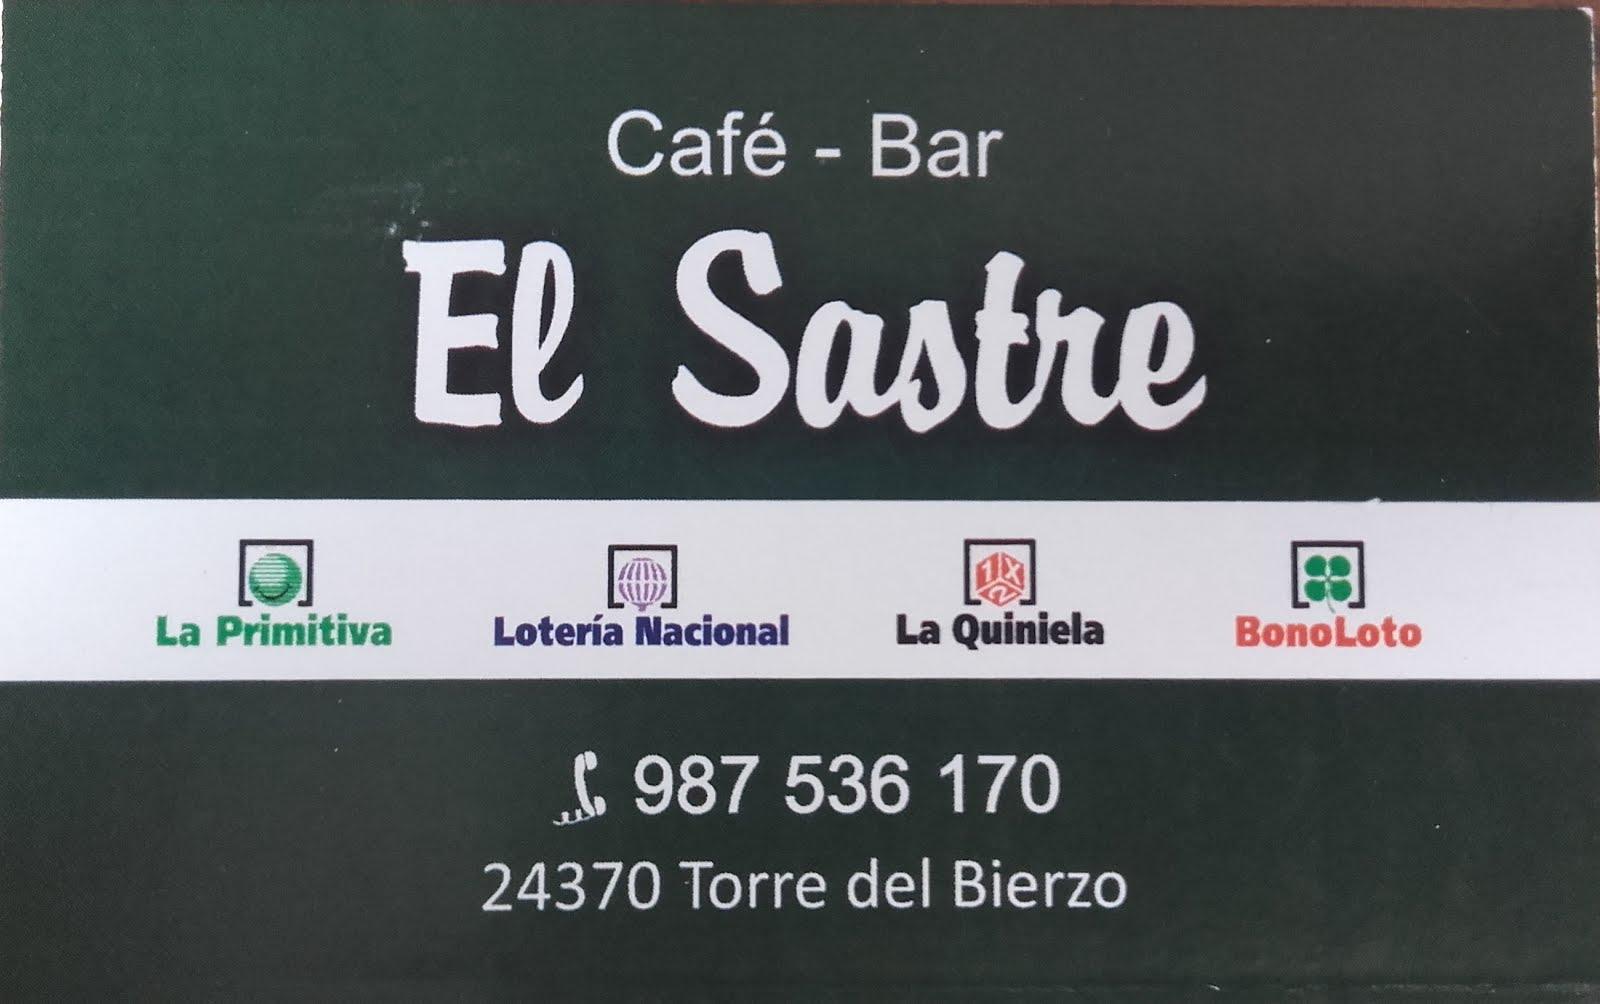 EL SASTRE